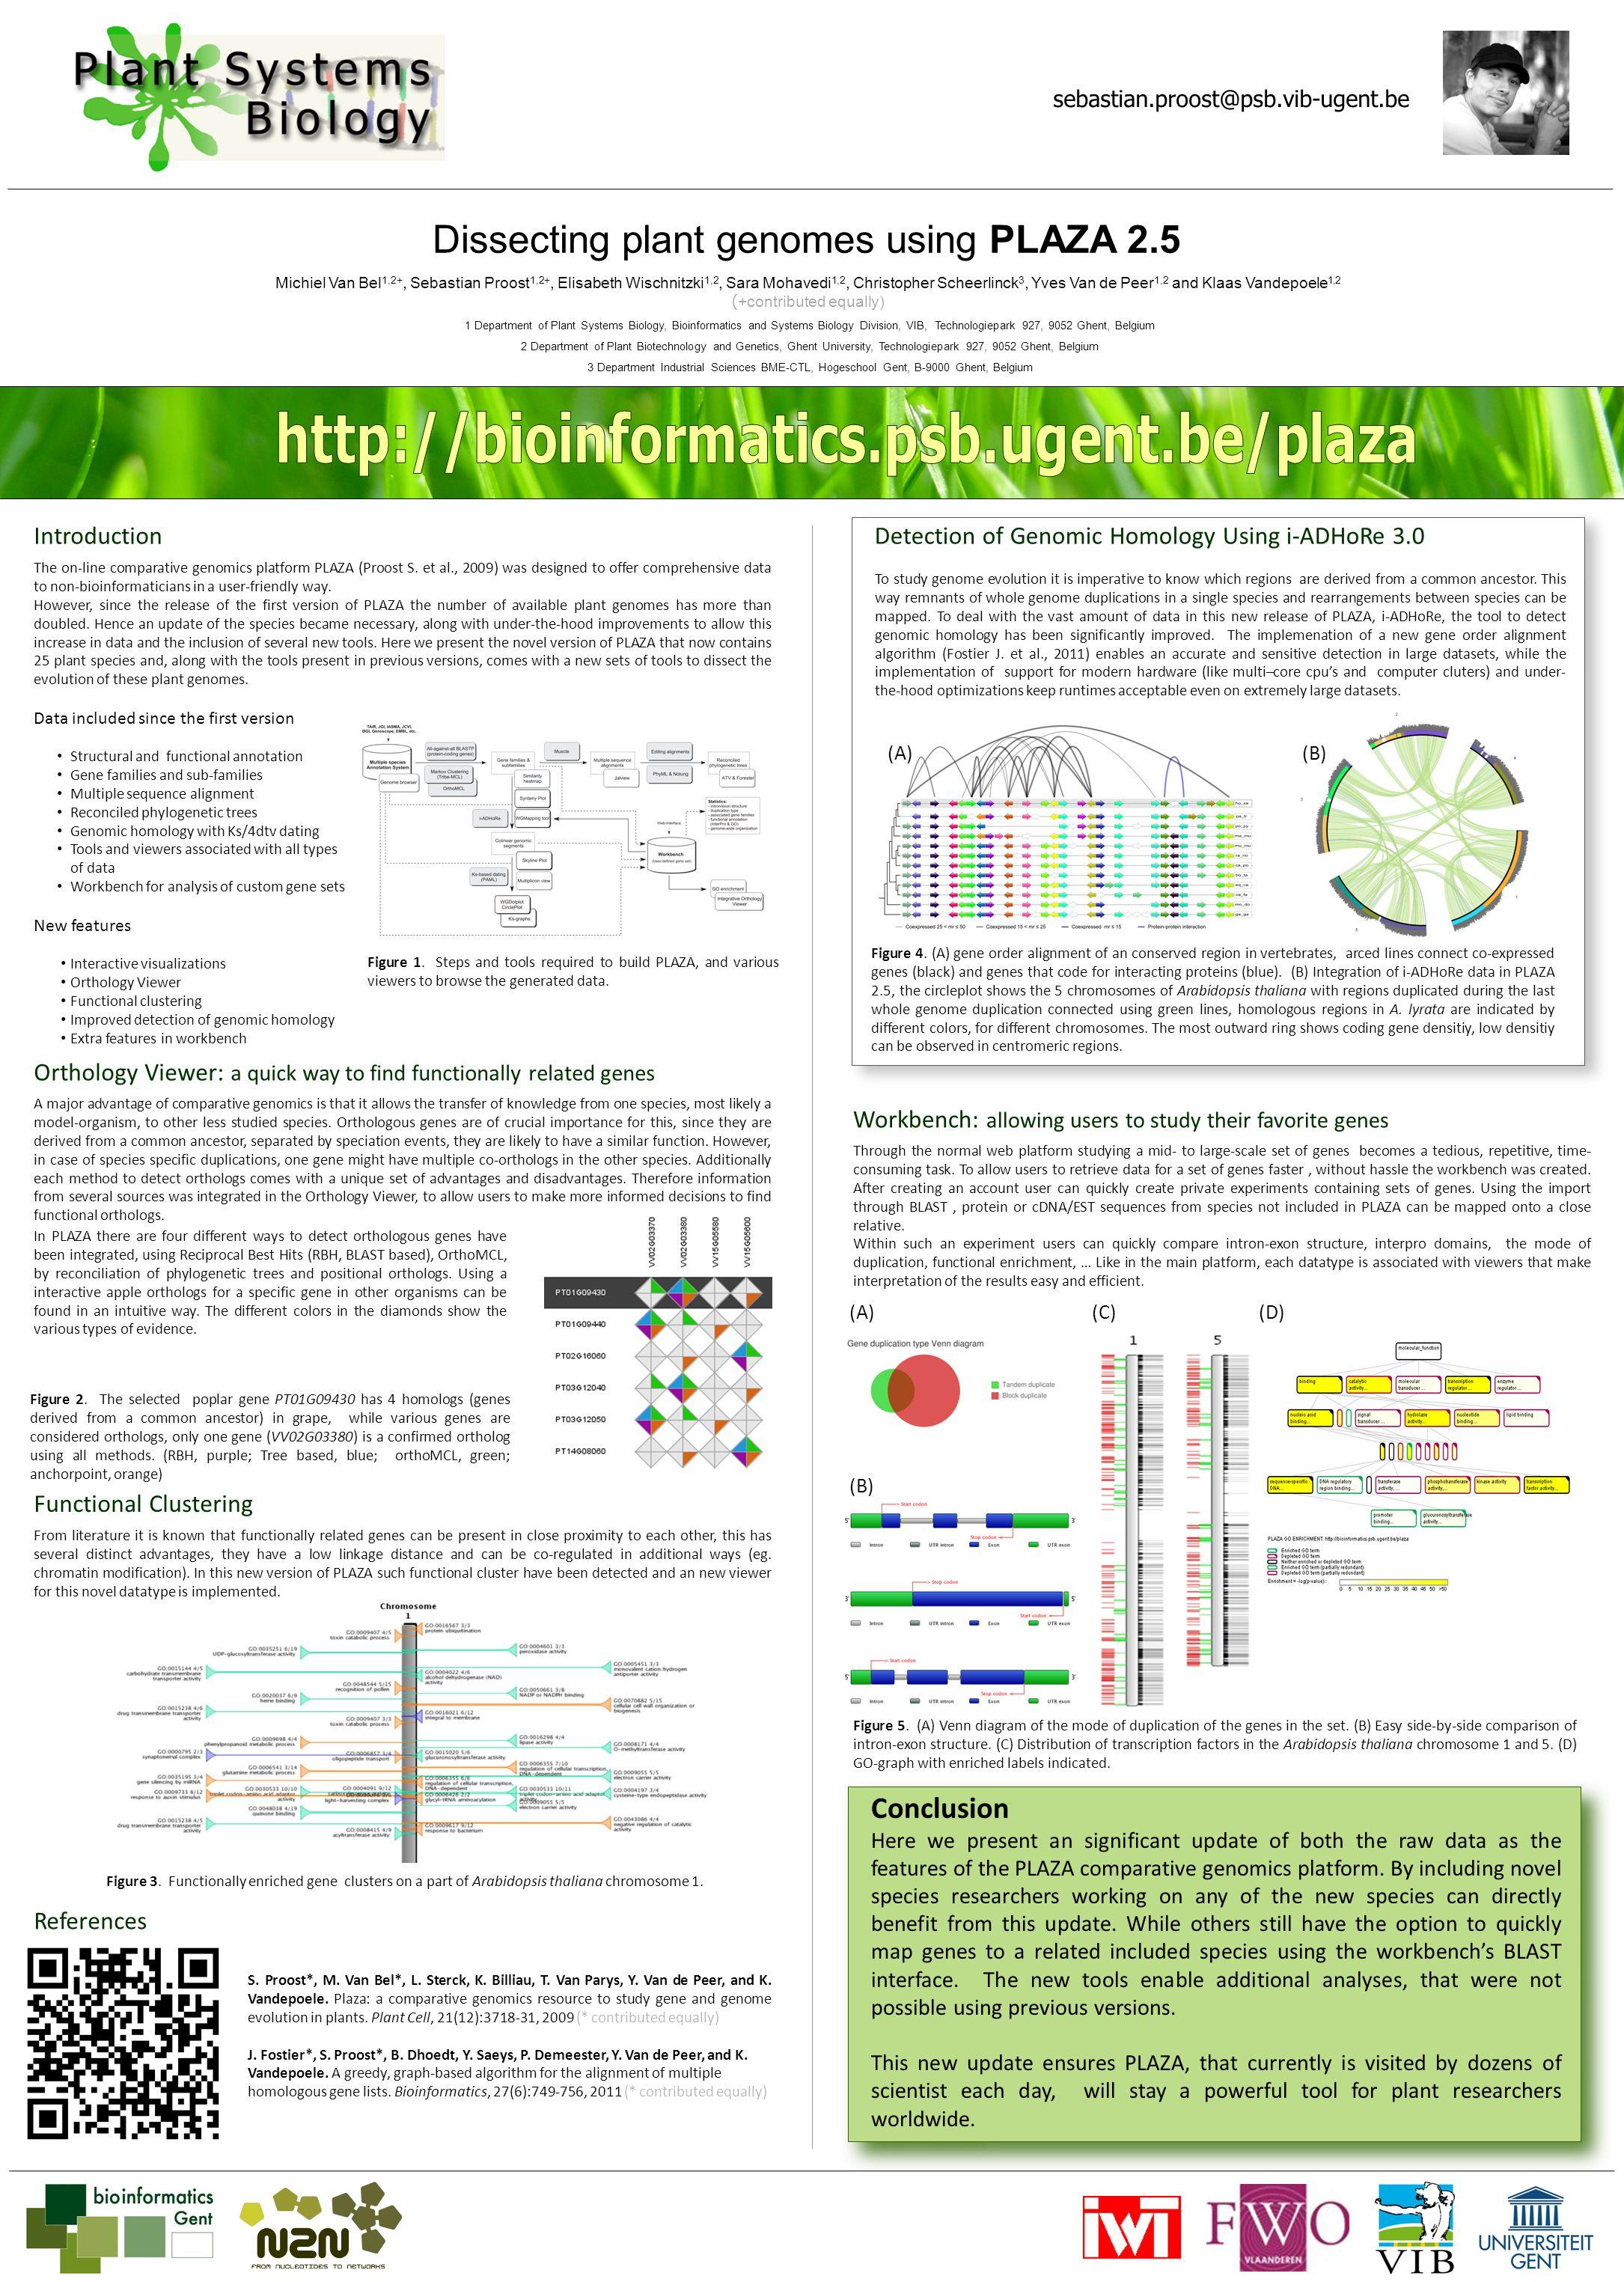 Dissecting plant genomes using PLAZA 2.5 Michiel Van Bel 1,2+, Sebastian Proost 1,2+, Elisabeth Wischnitzki 1,2, Sara Mohavedi 1,2, Christopher Scheer